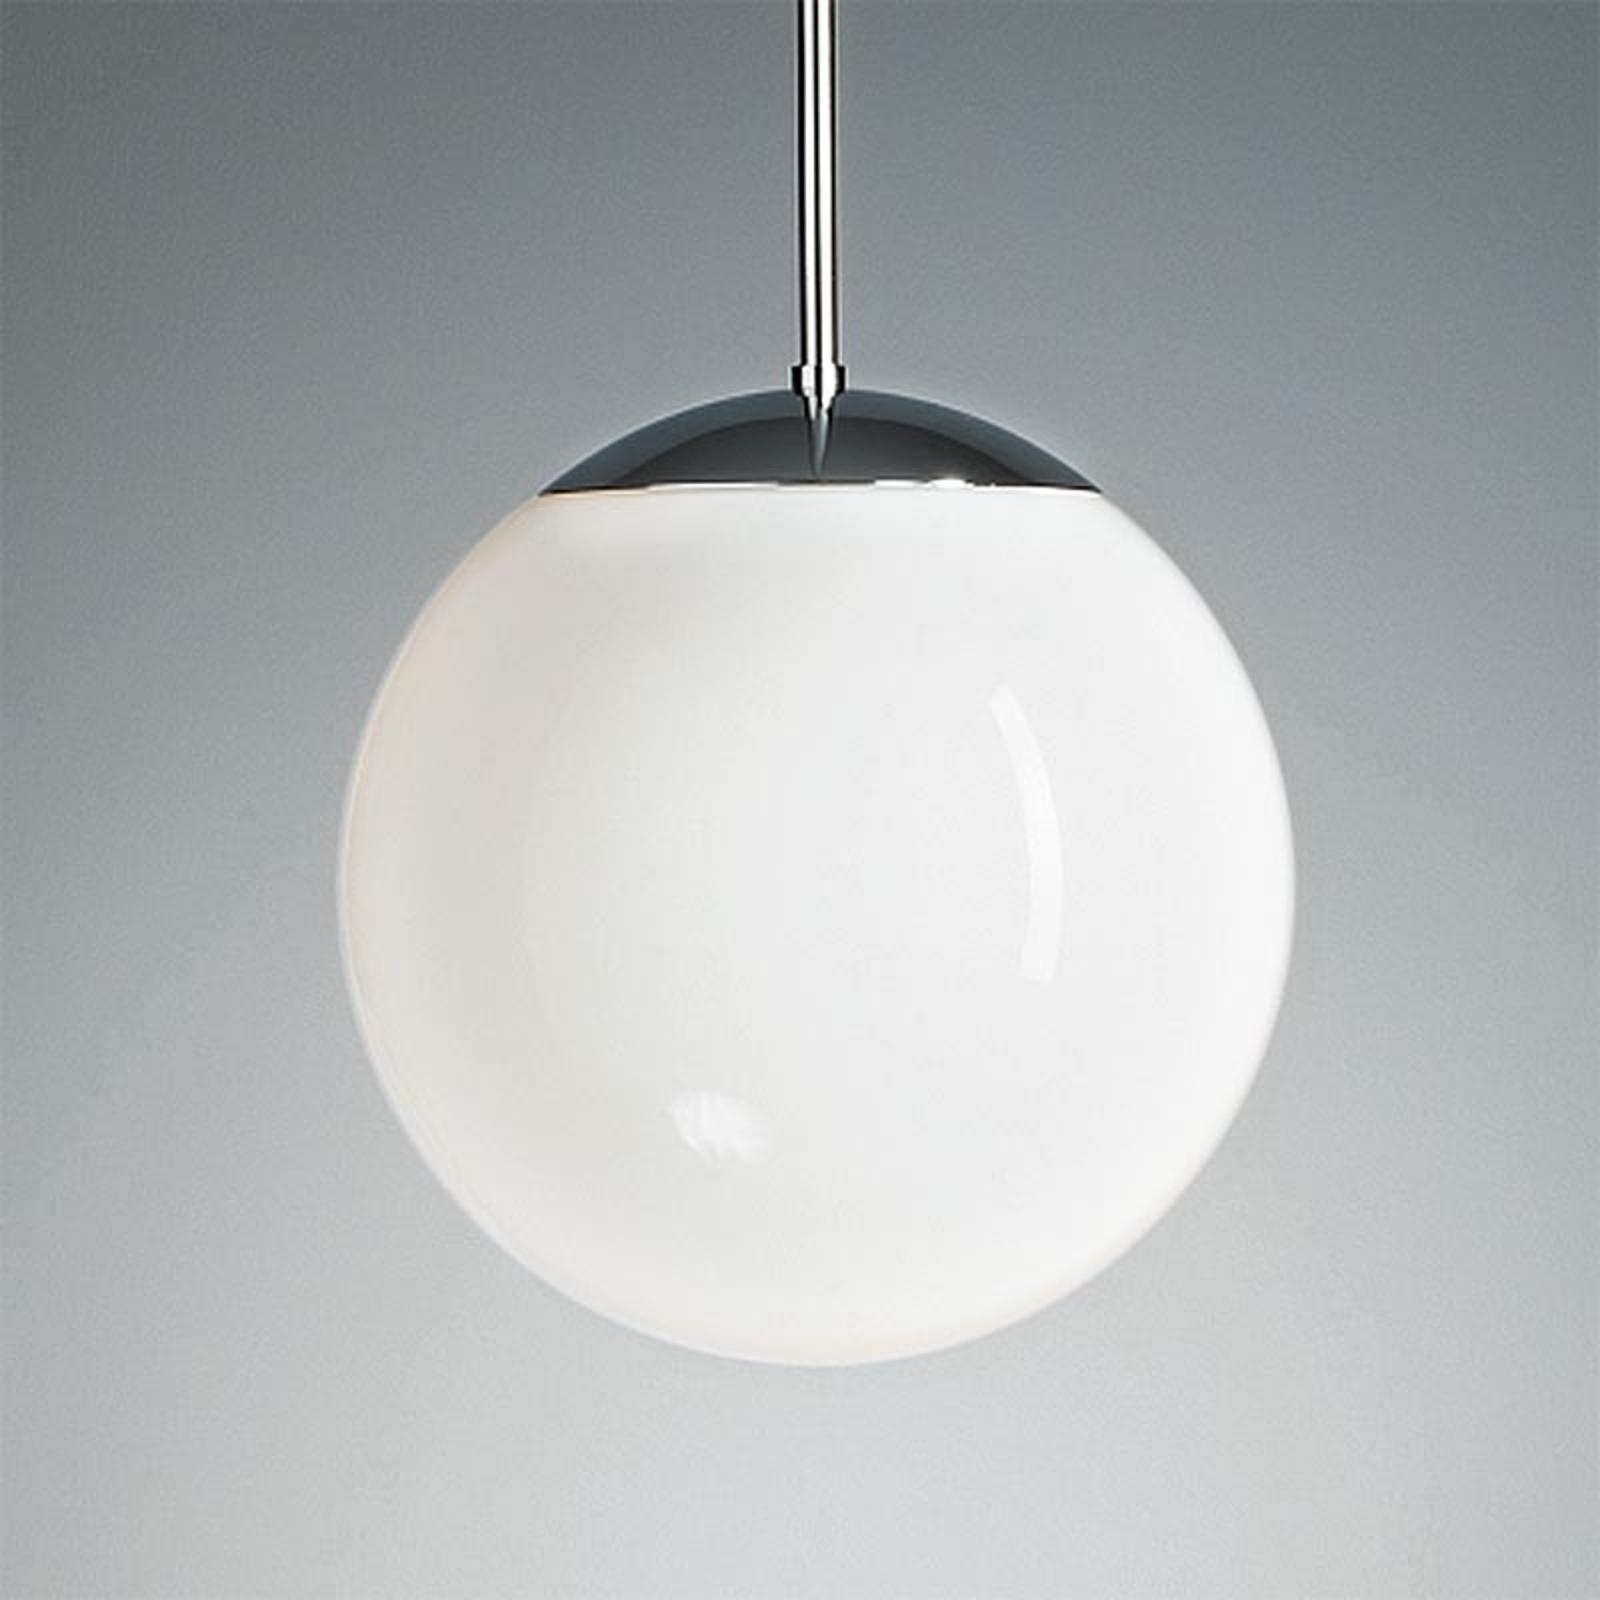 Suspension chromée boule opale 30 cm